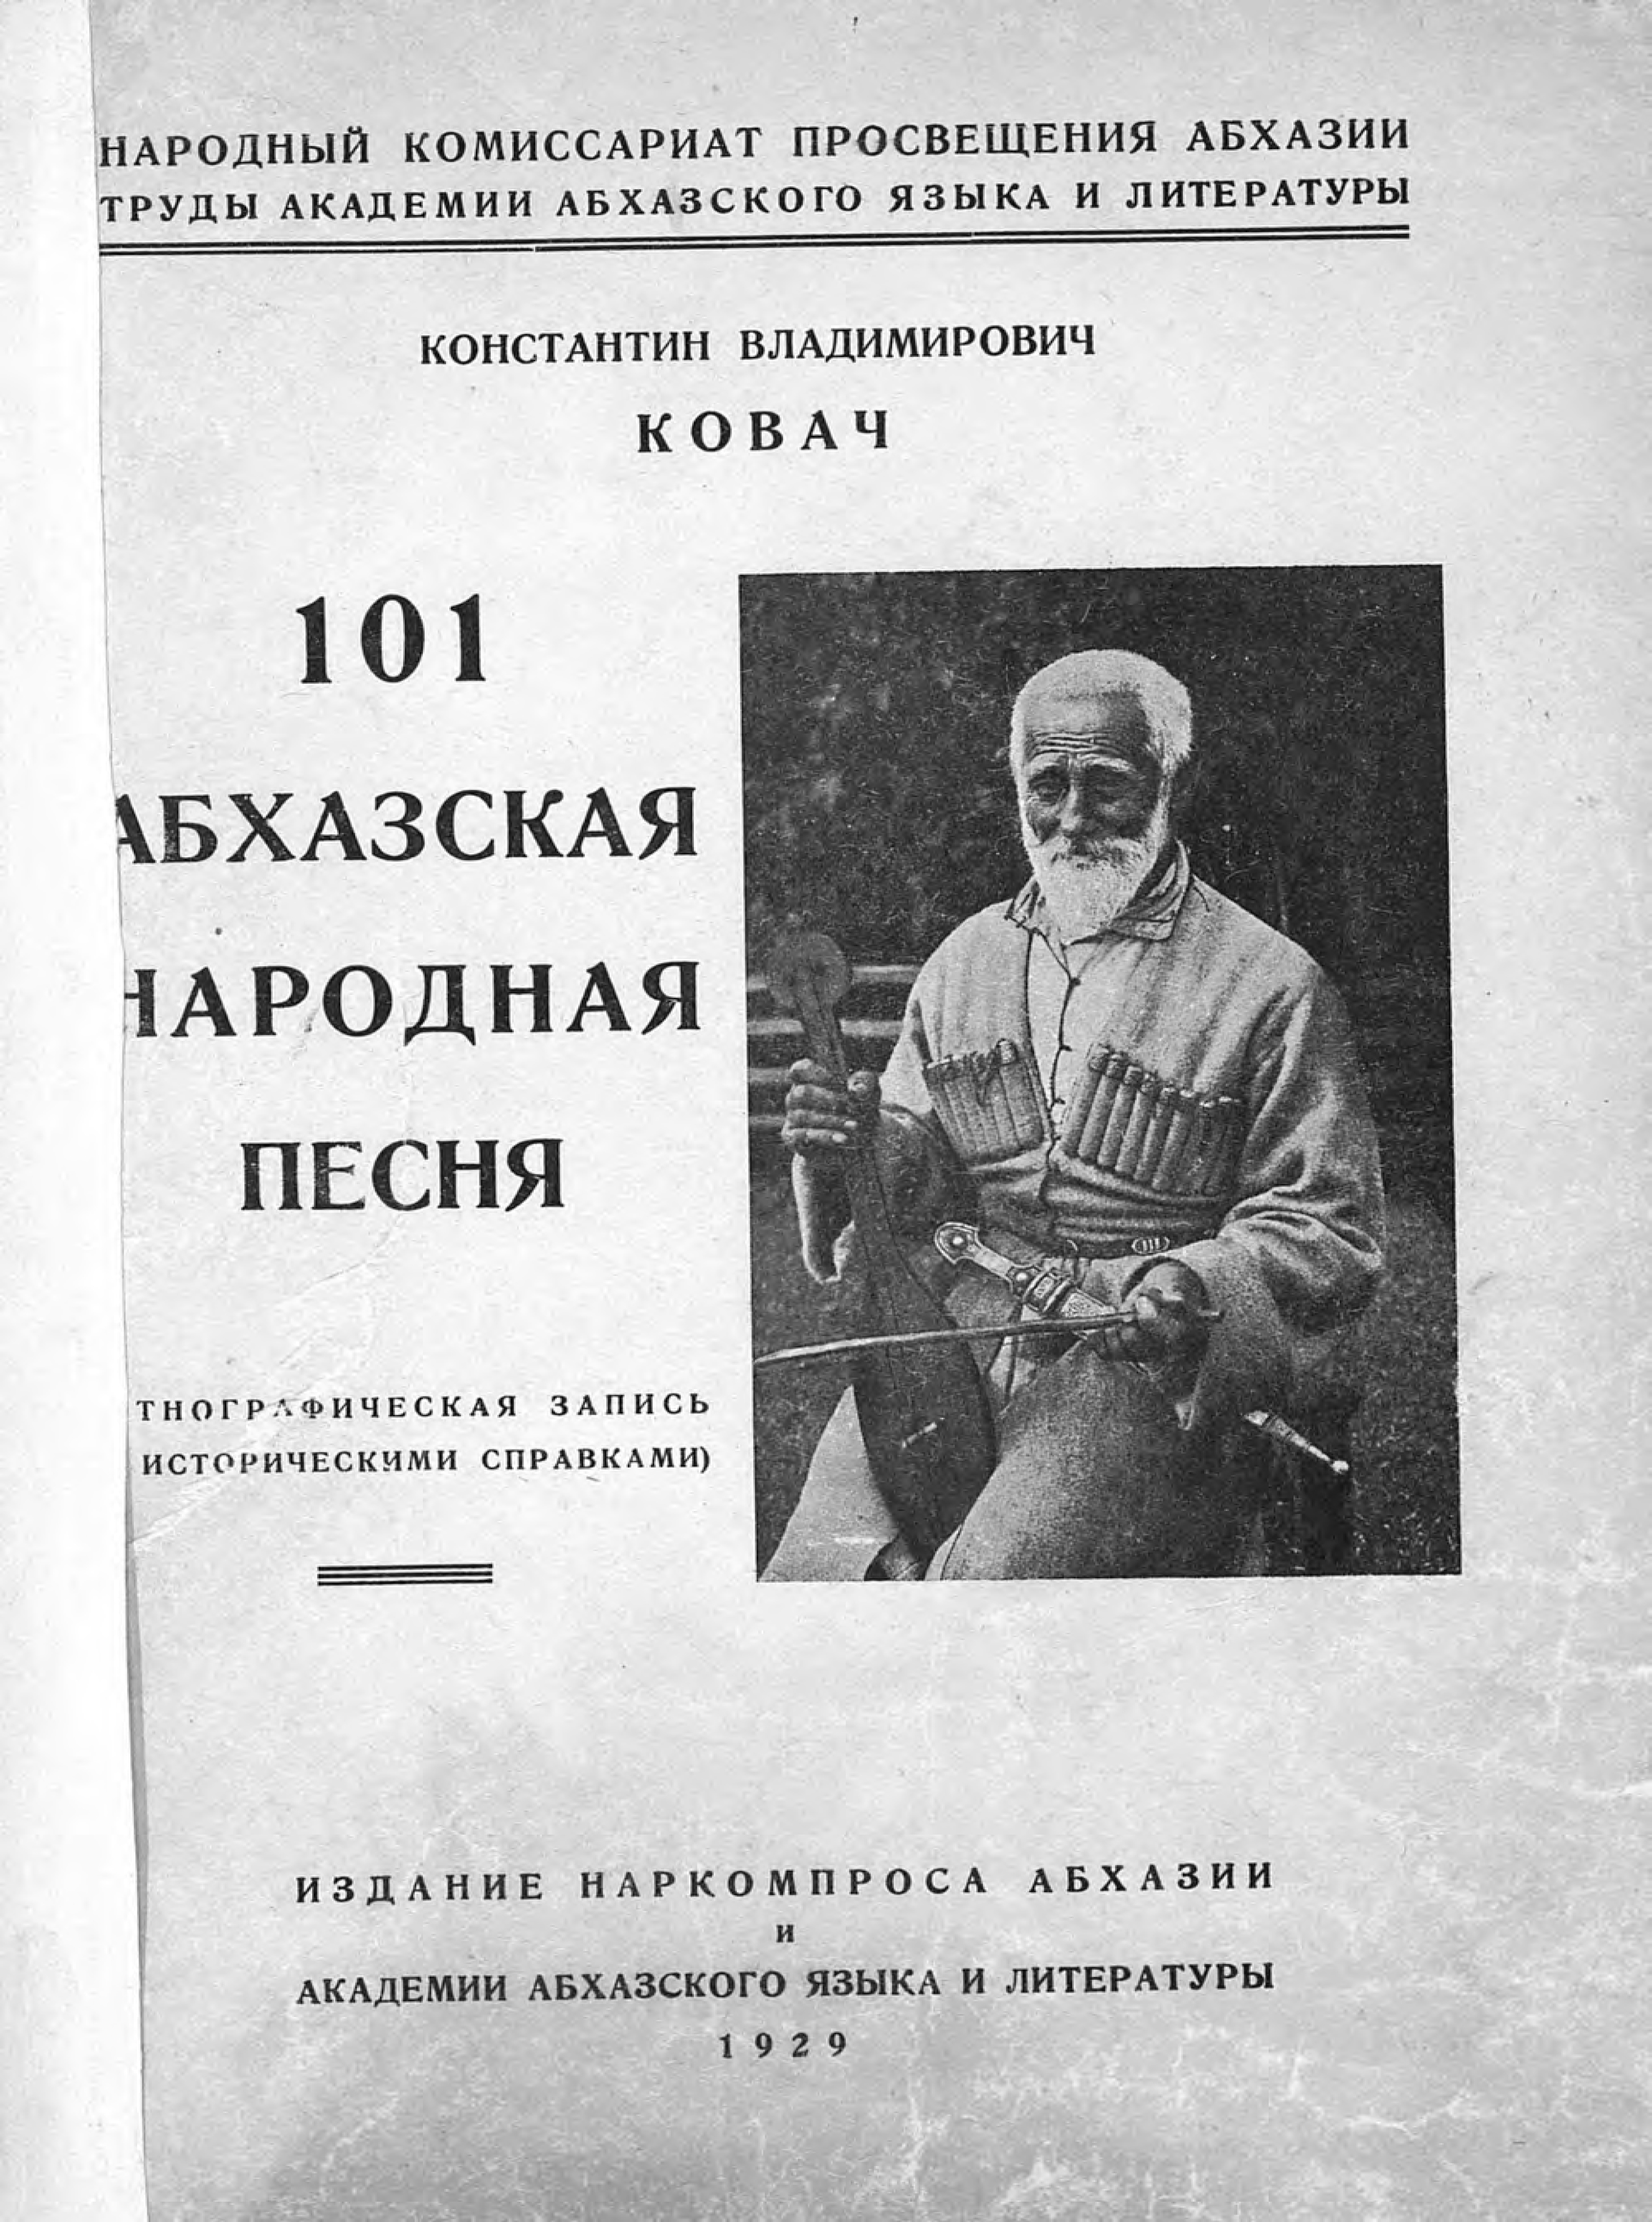 Ковач Константин Владимирович 101 абхазская народная песня аджика амца абхазская классическая